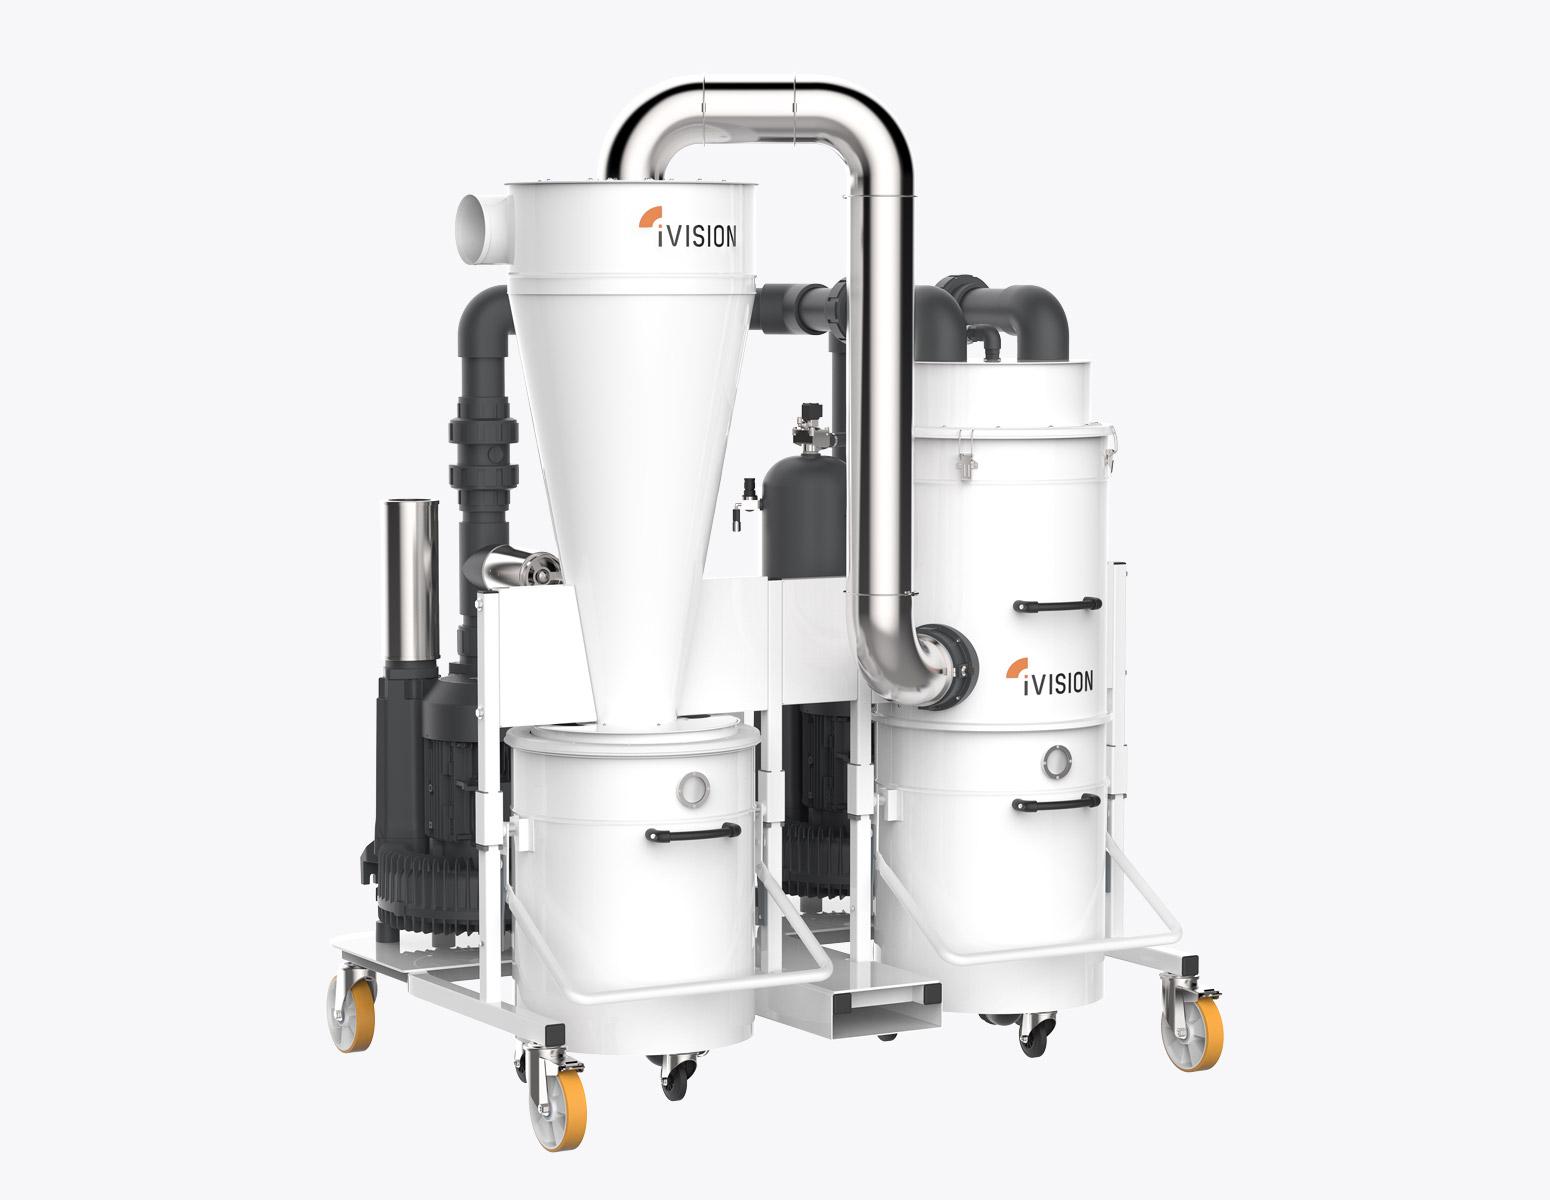 iv-custom-pcb-line-industrial-vacuum-cleaners-ivision-vacuum